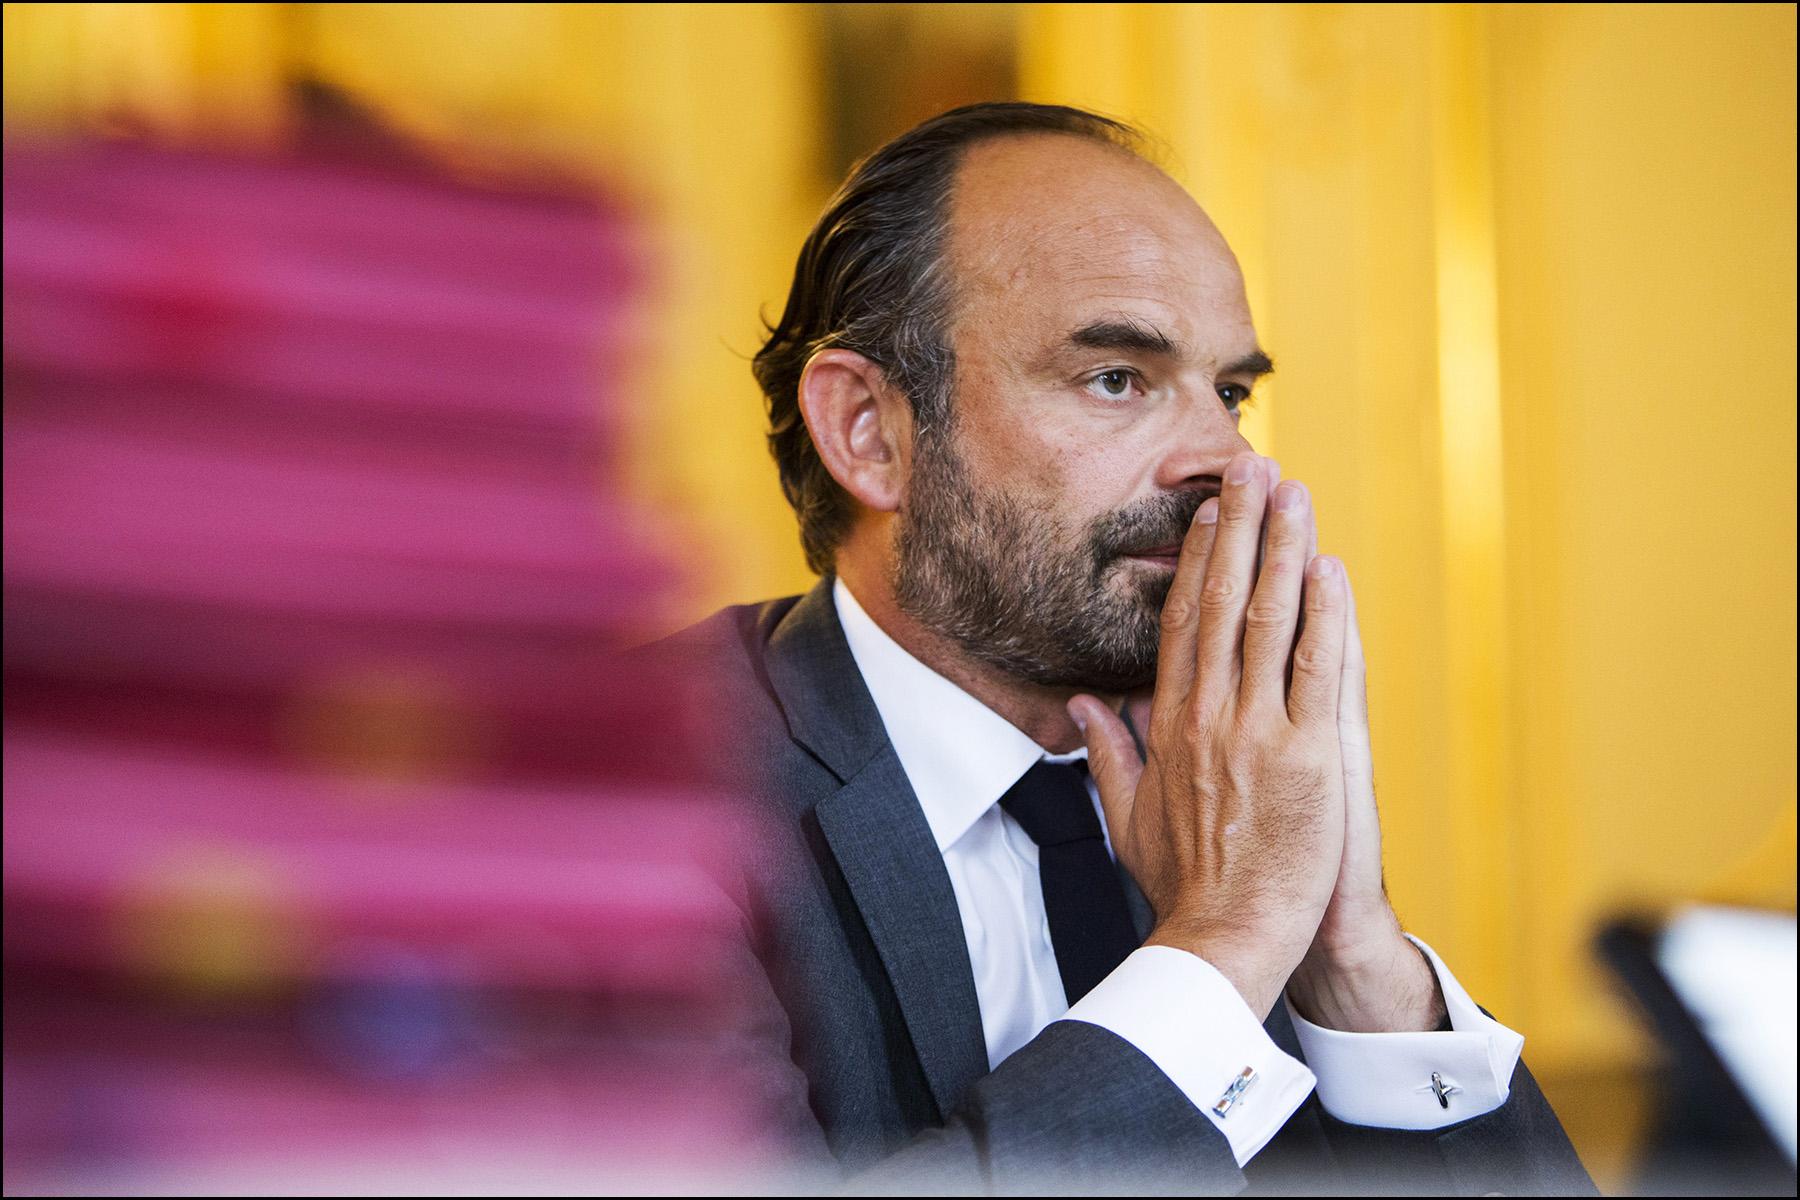 Entretien avec le premier ministre Edouard PHILIPPE dans son bureau de l'Hôtel Matignon.